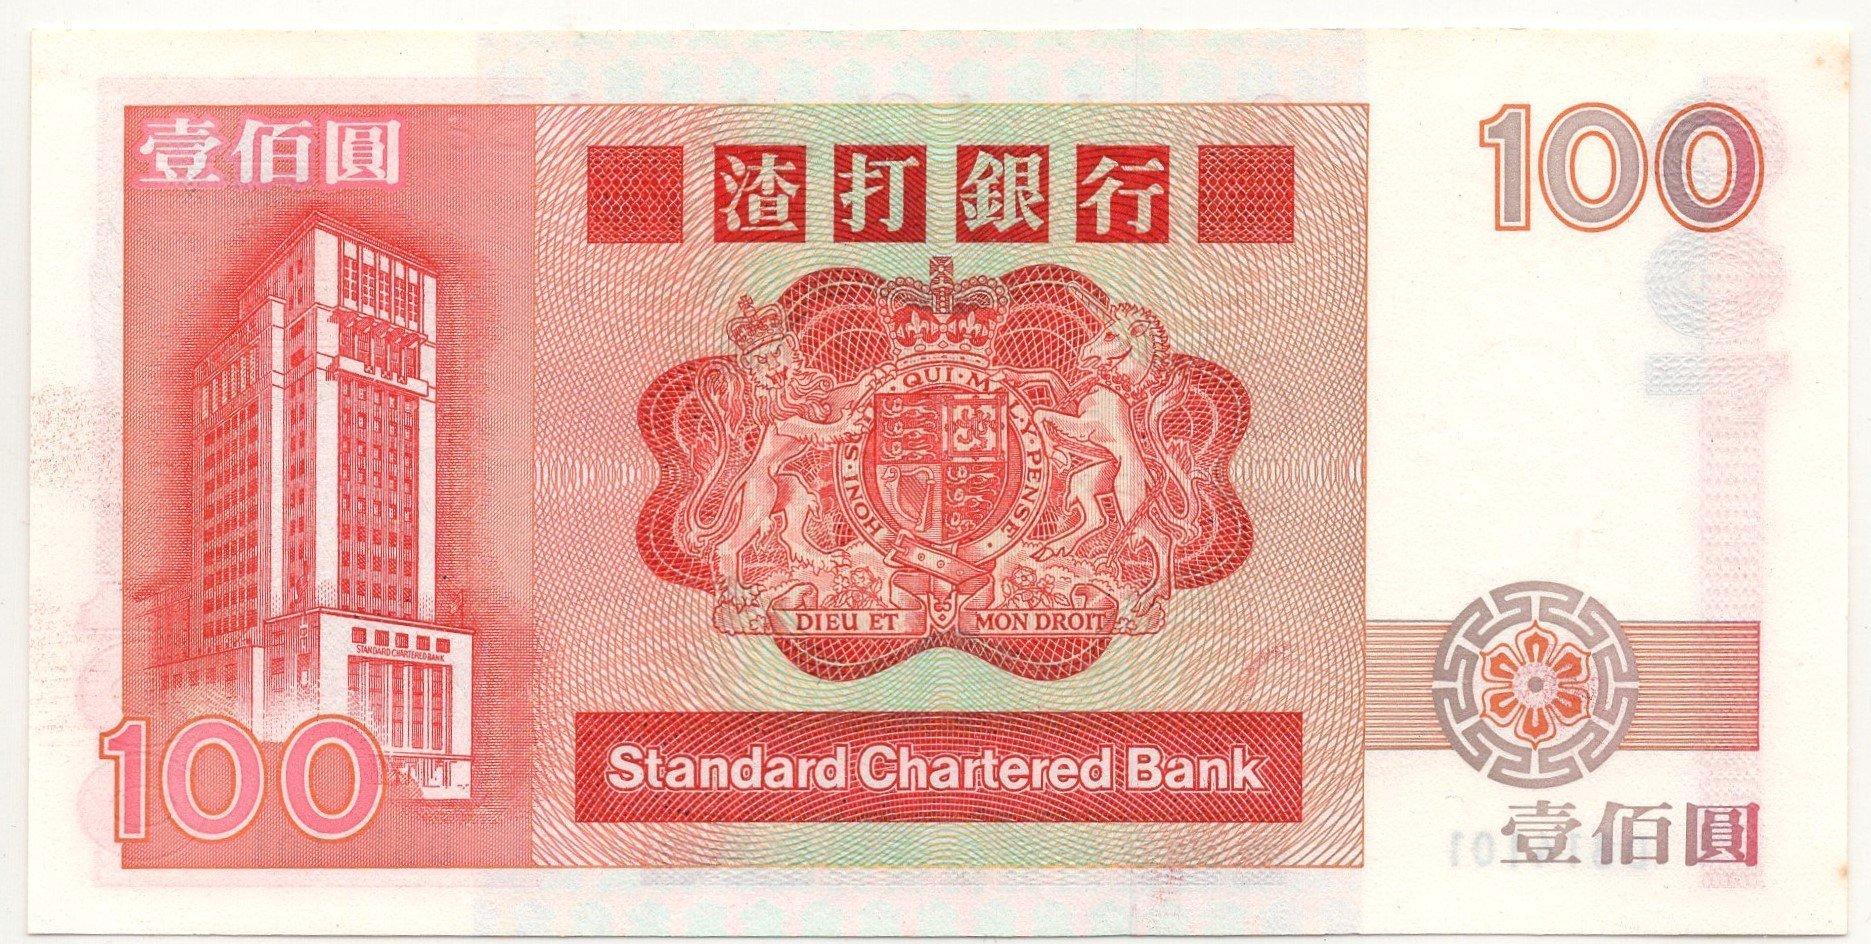 Hong Kong 100 dollars SCB 1985 banknote for sale